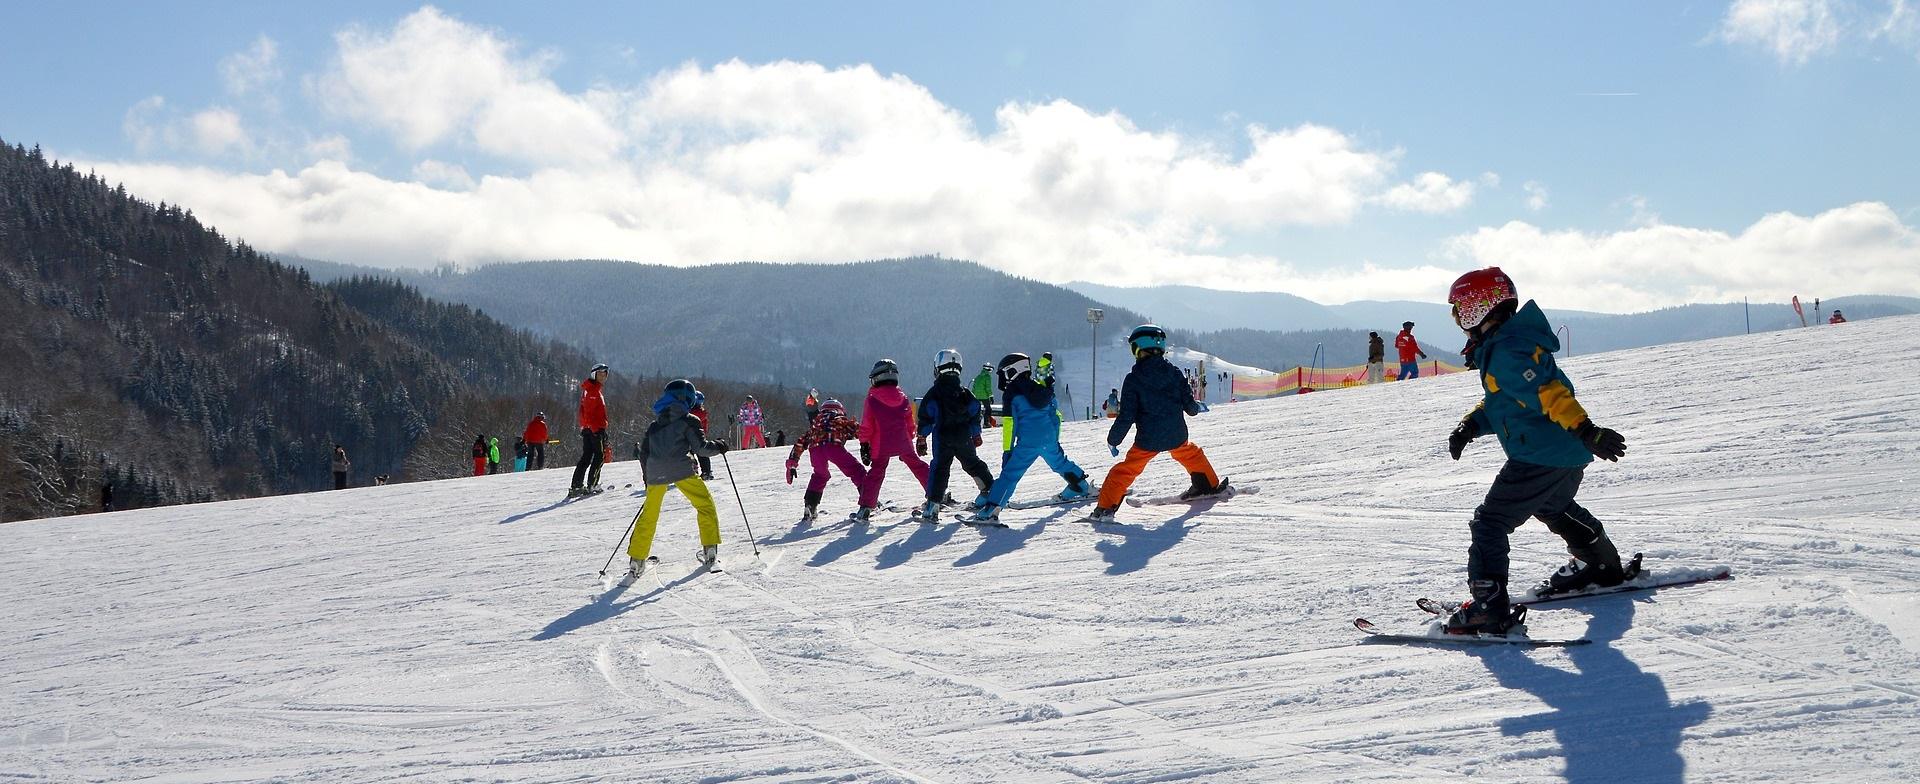 De kinderen kunnen oefenen tijdens de skilessen